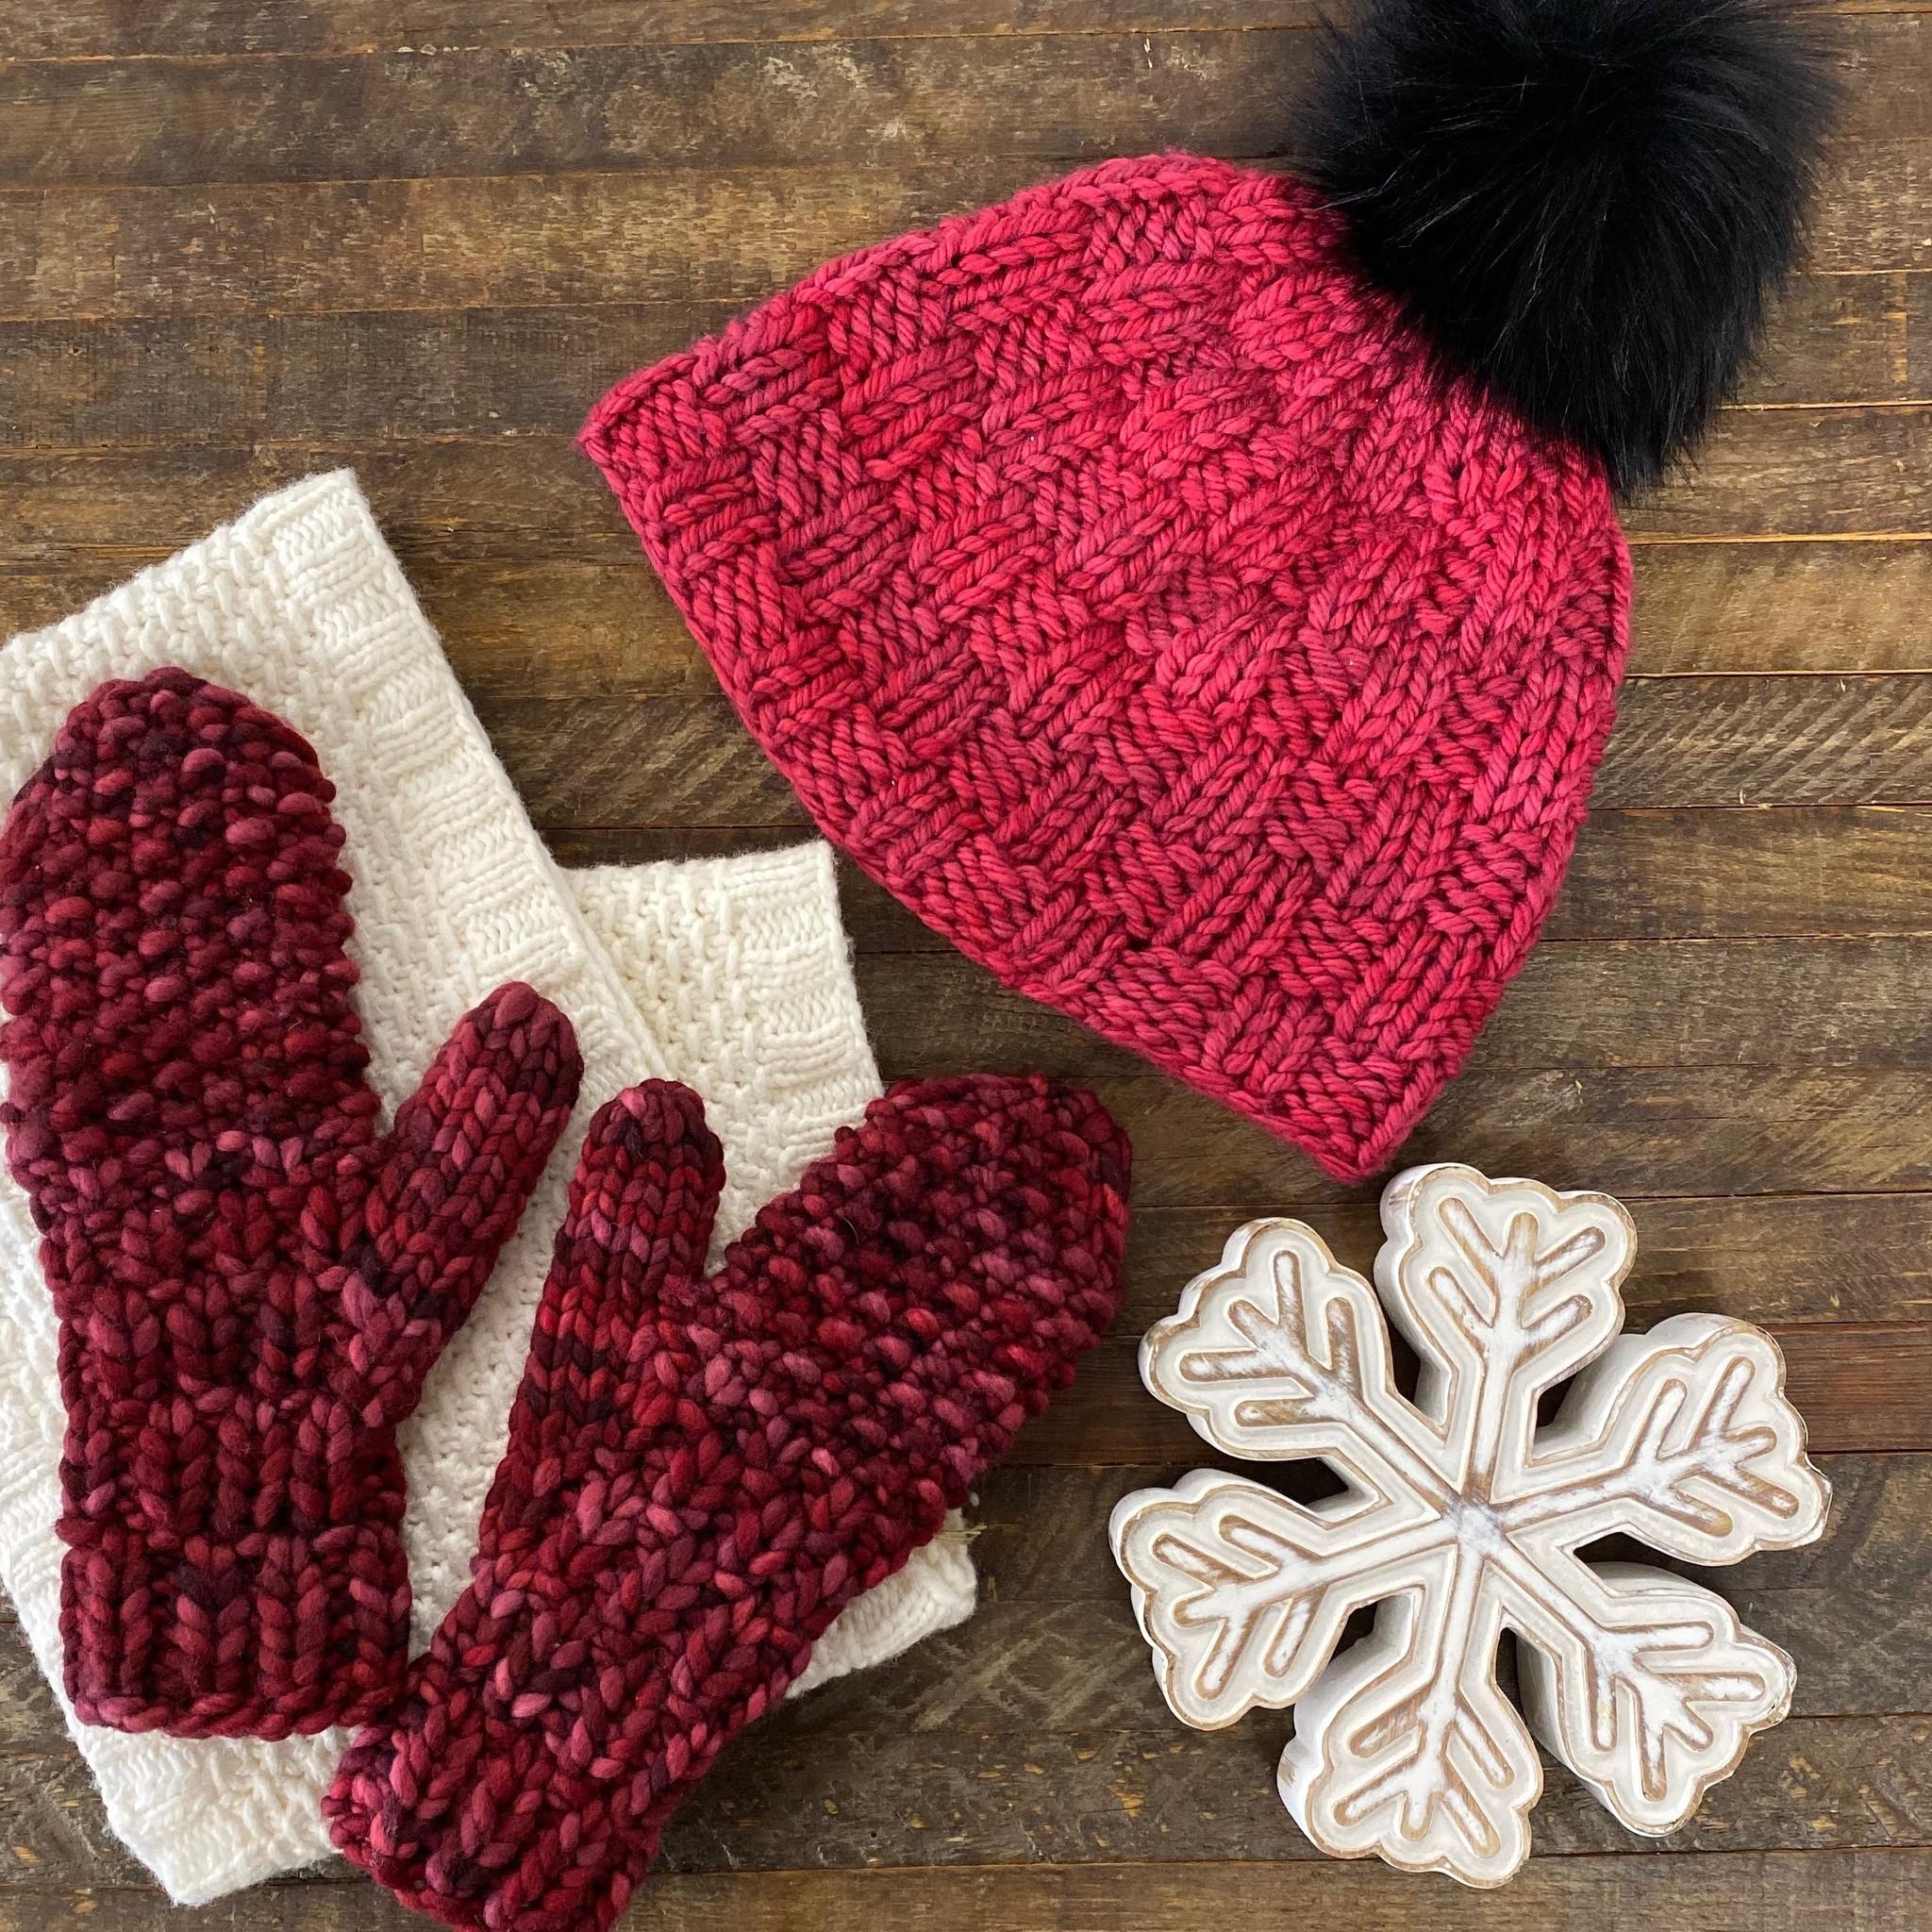 Holiday Gift Make-Along!